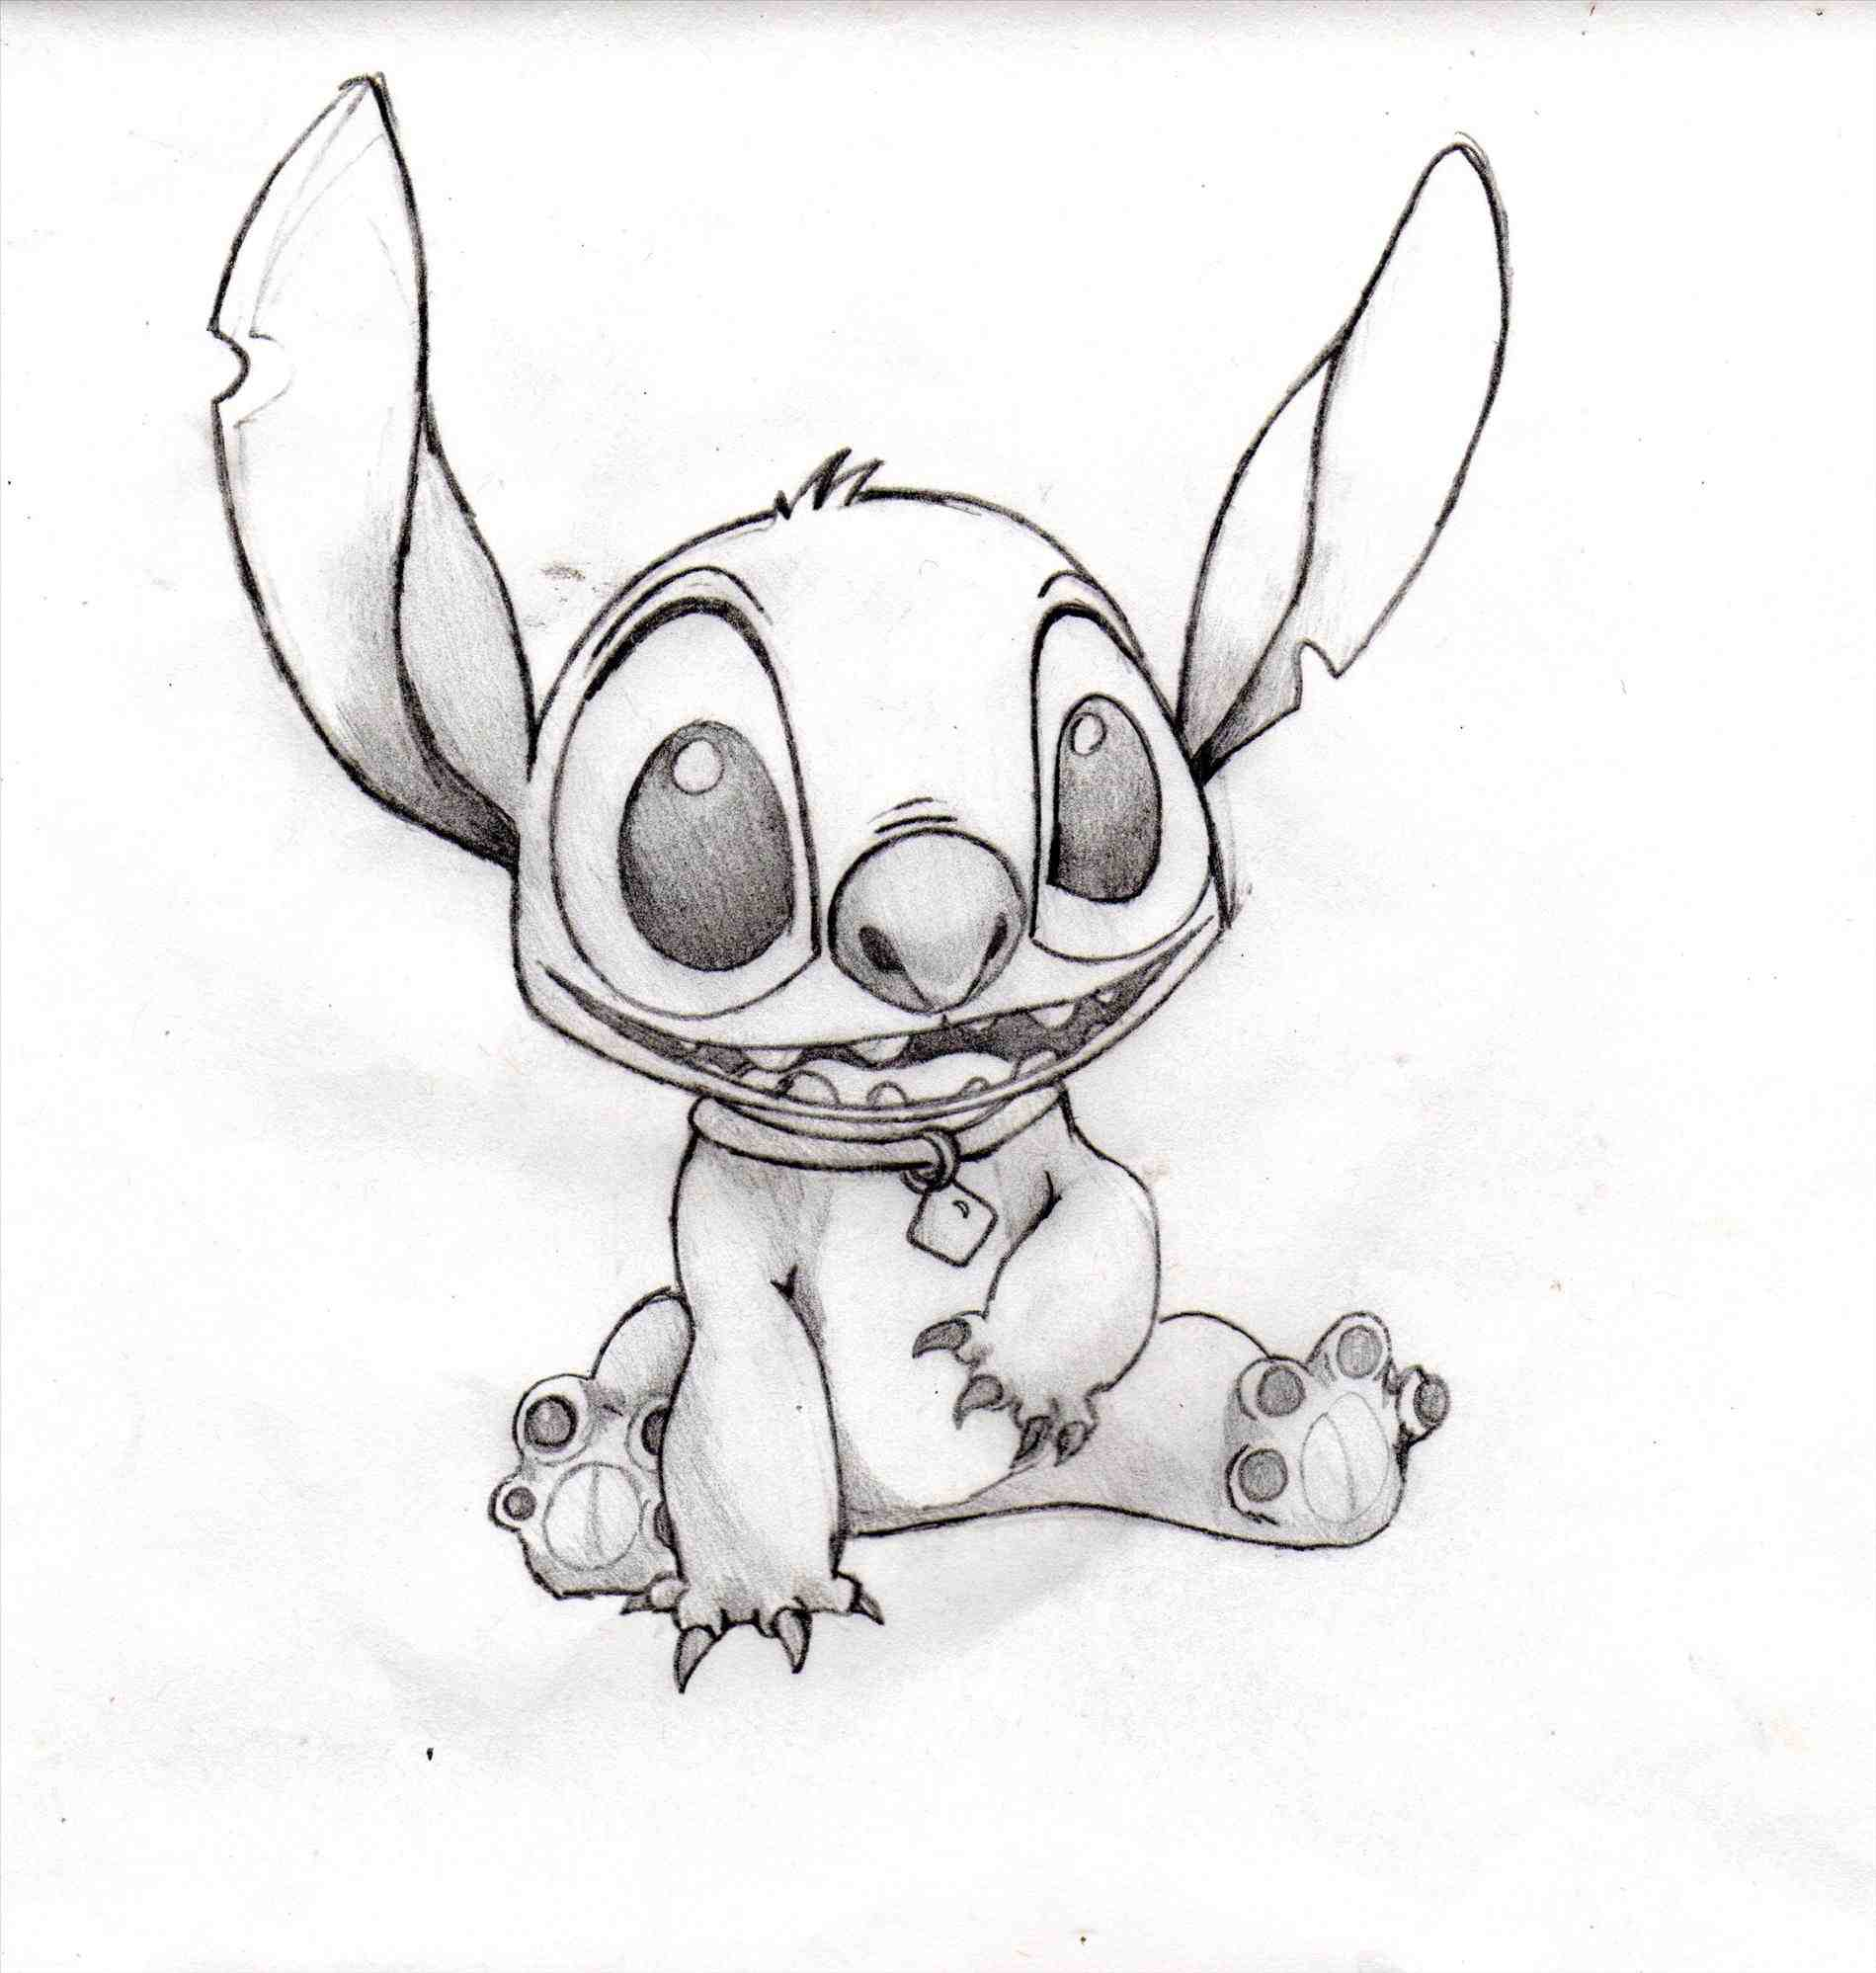 1899x1997 Drawing Ideas Tumblr Disney Stitch